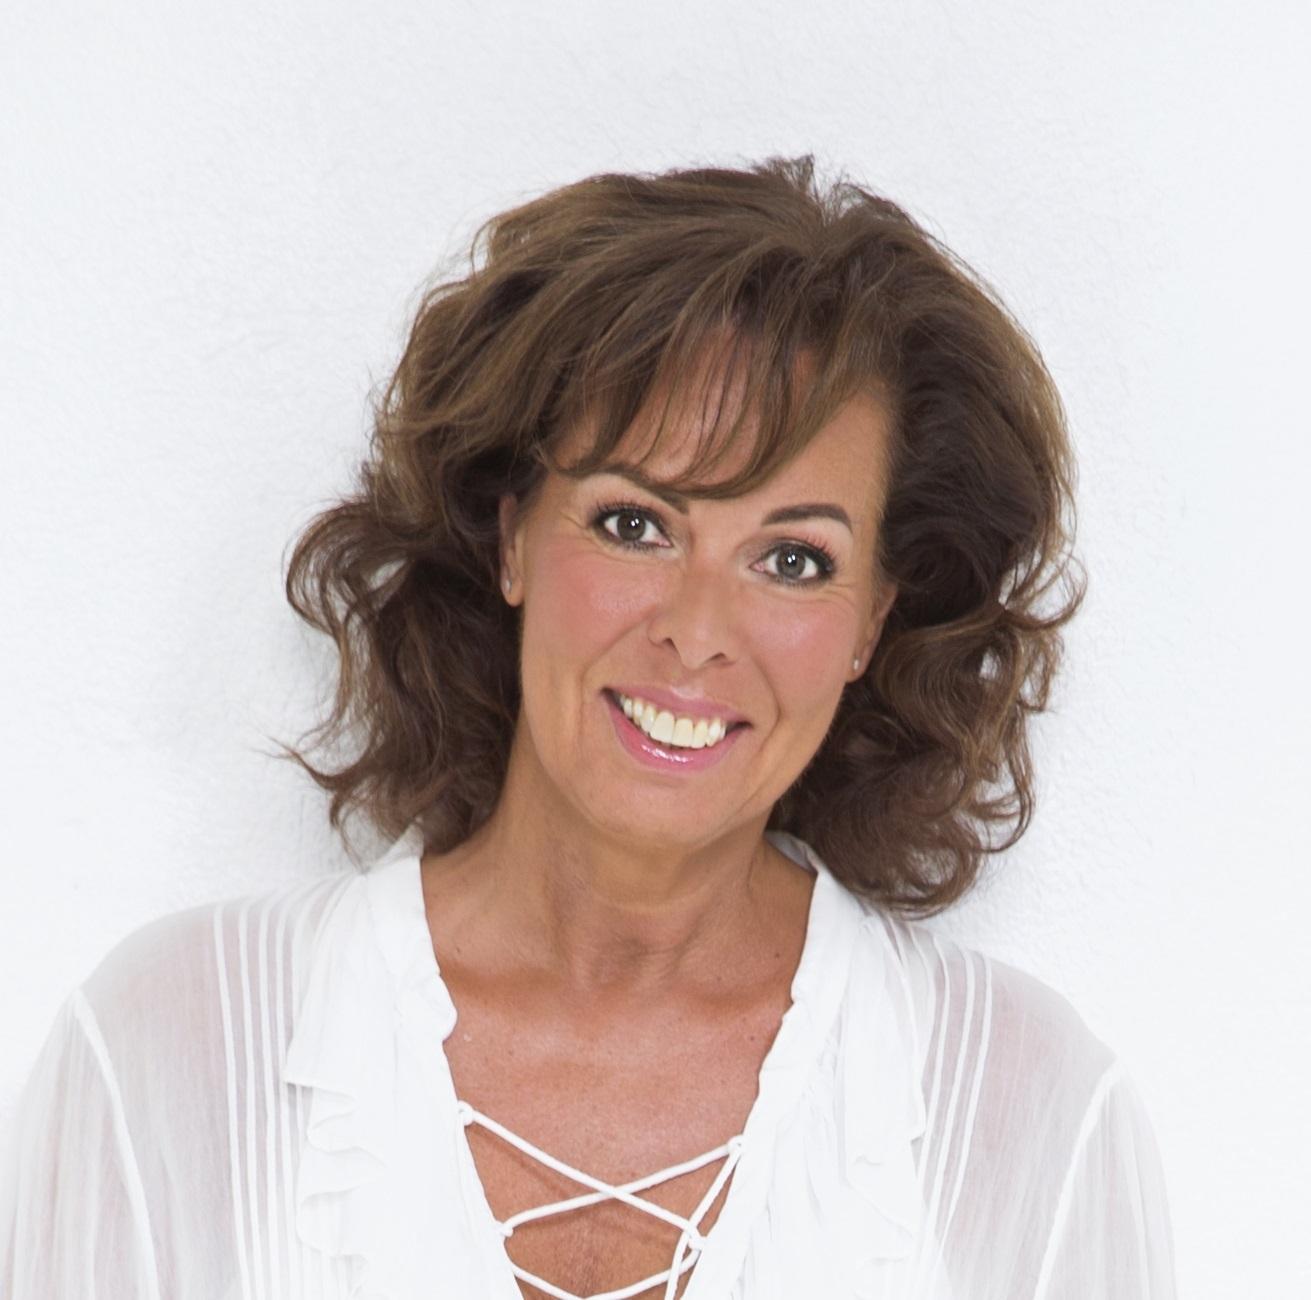 Christina Stielli